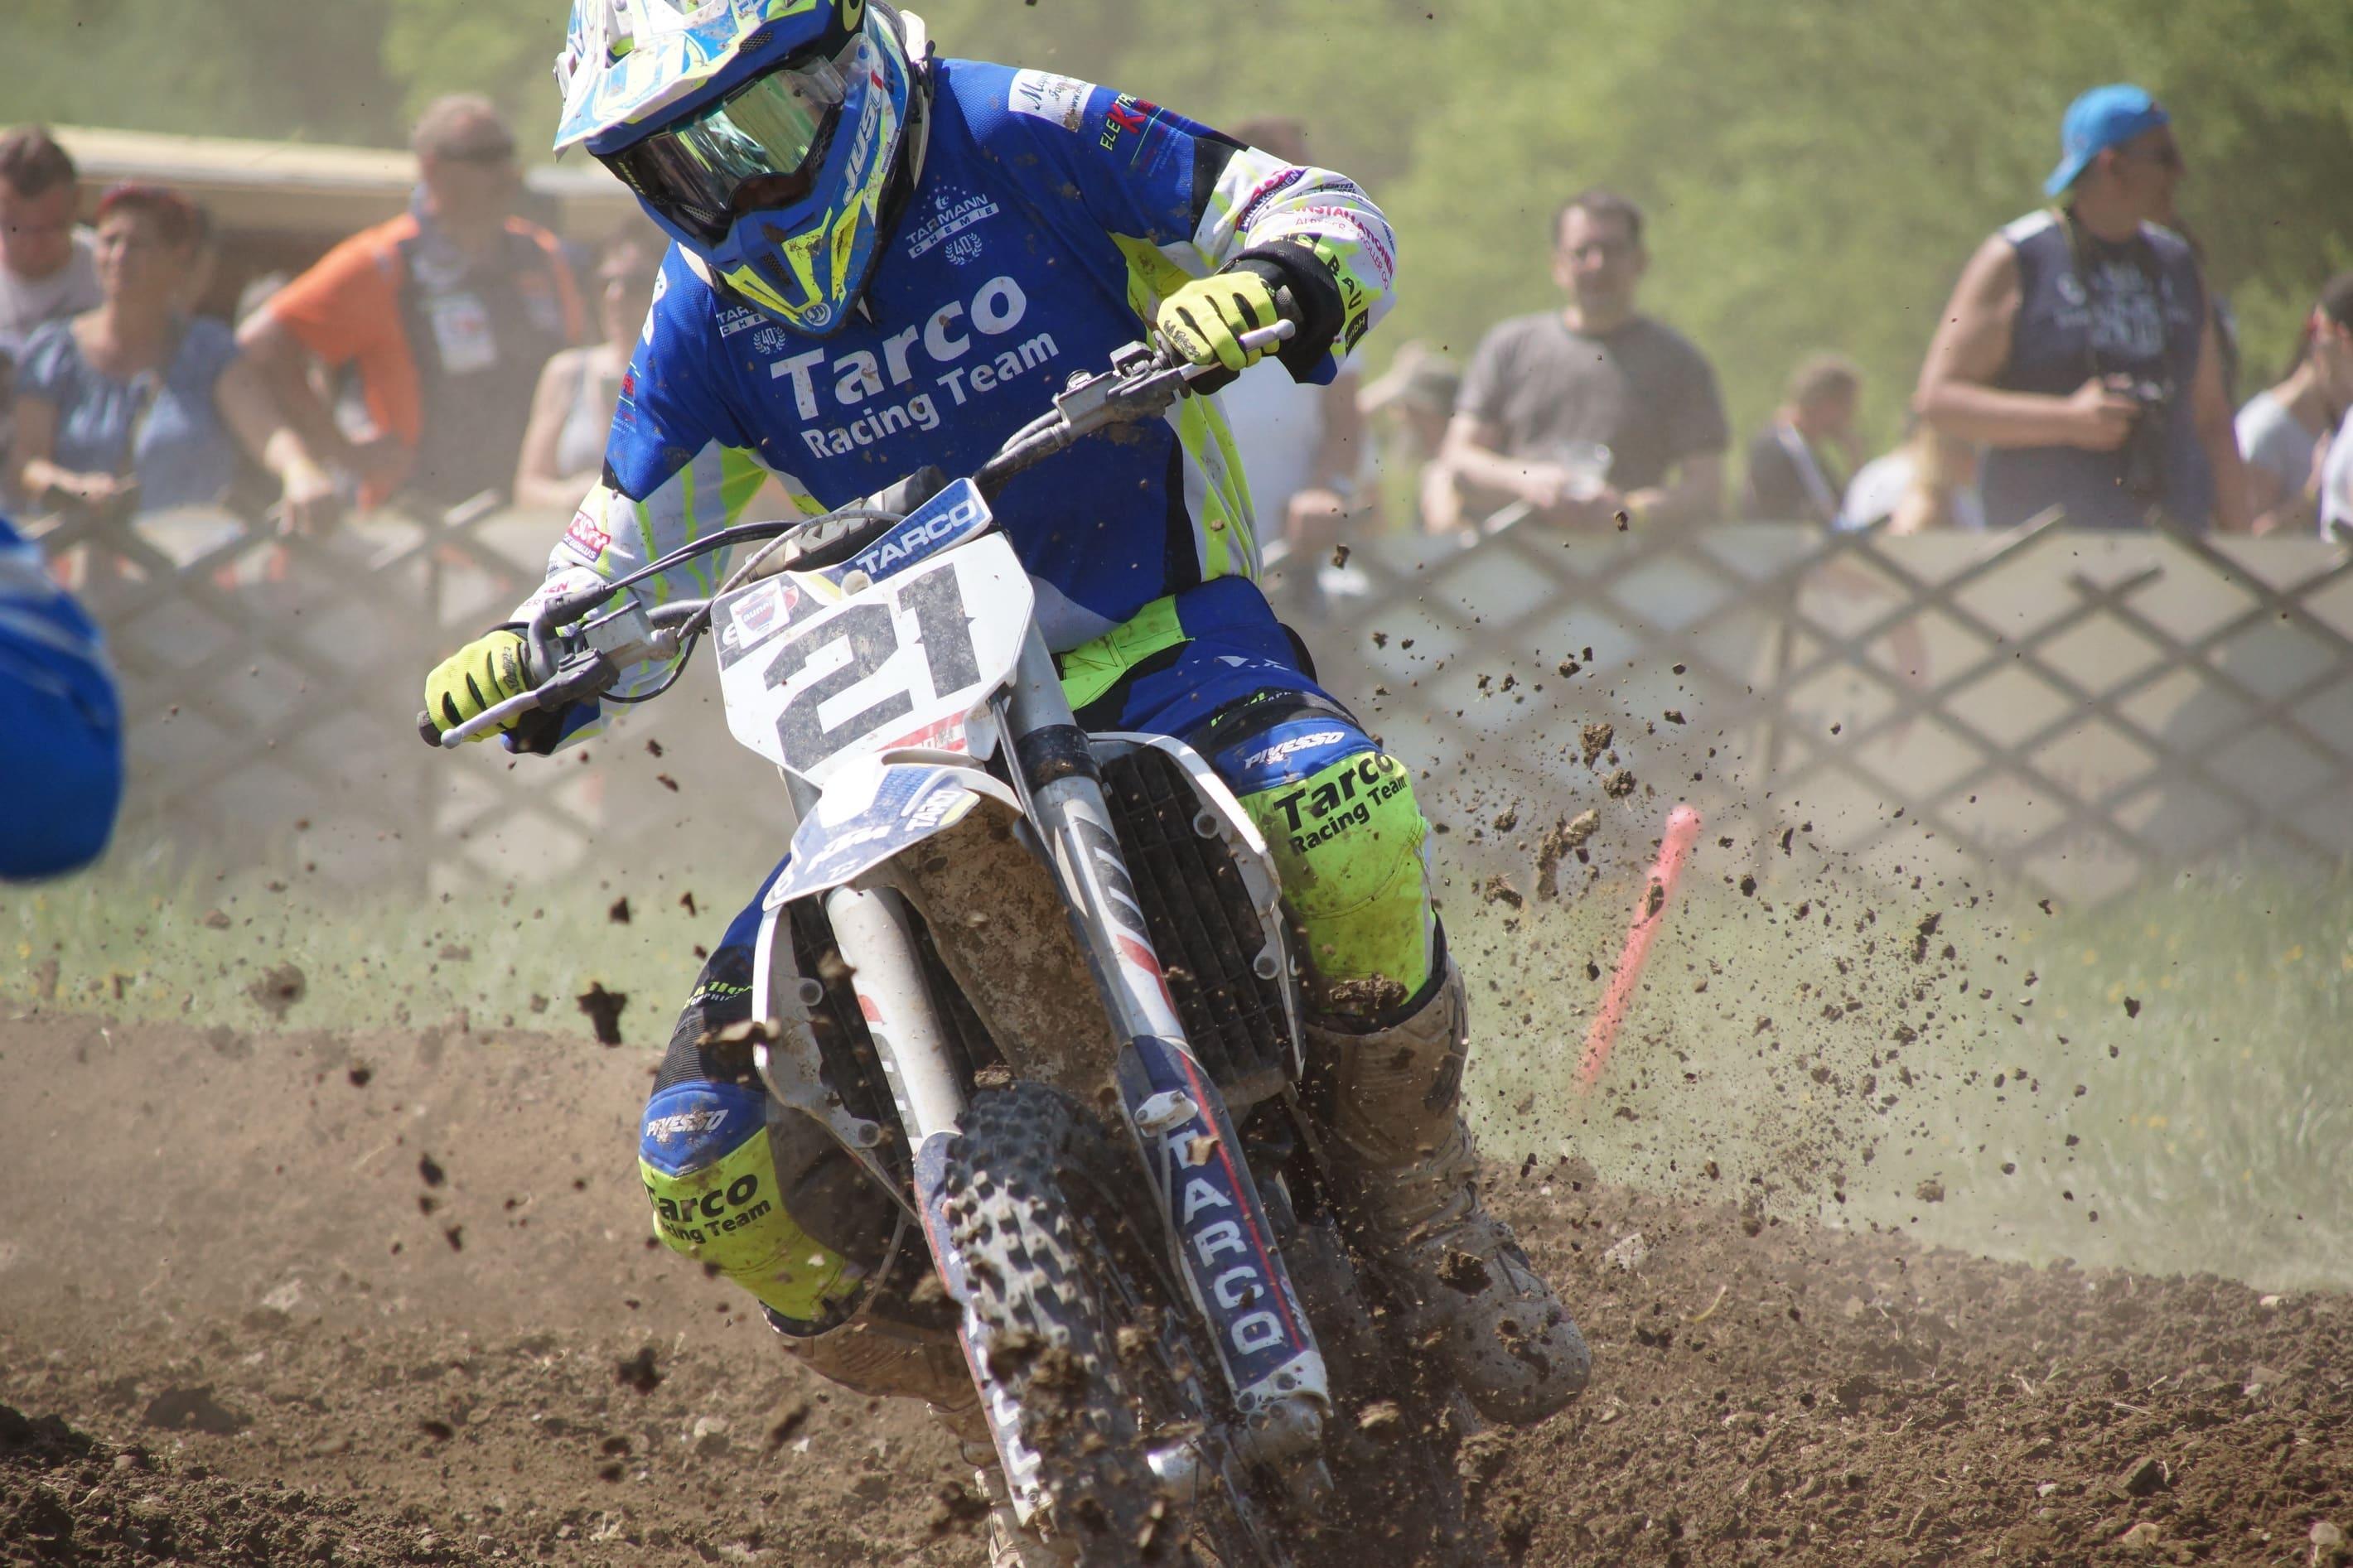 DSC1189_Moto Cross Sittendorf